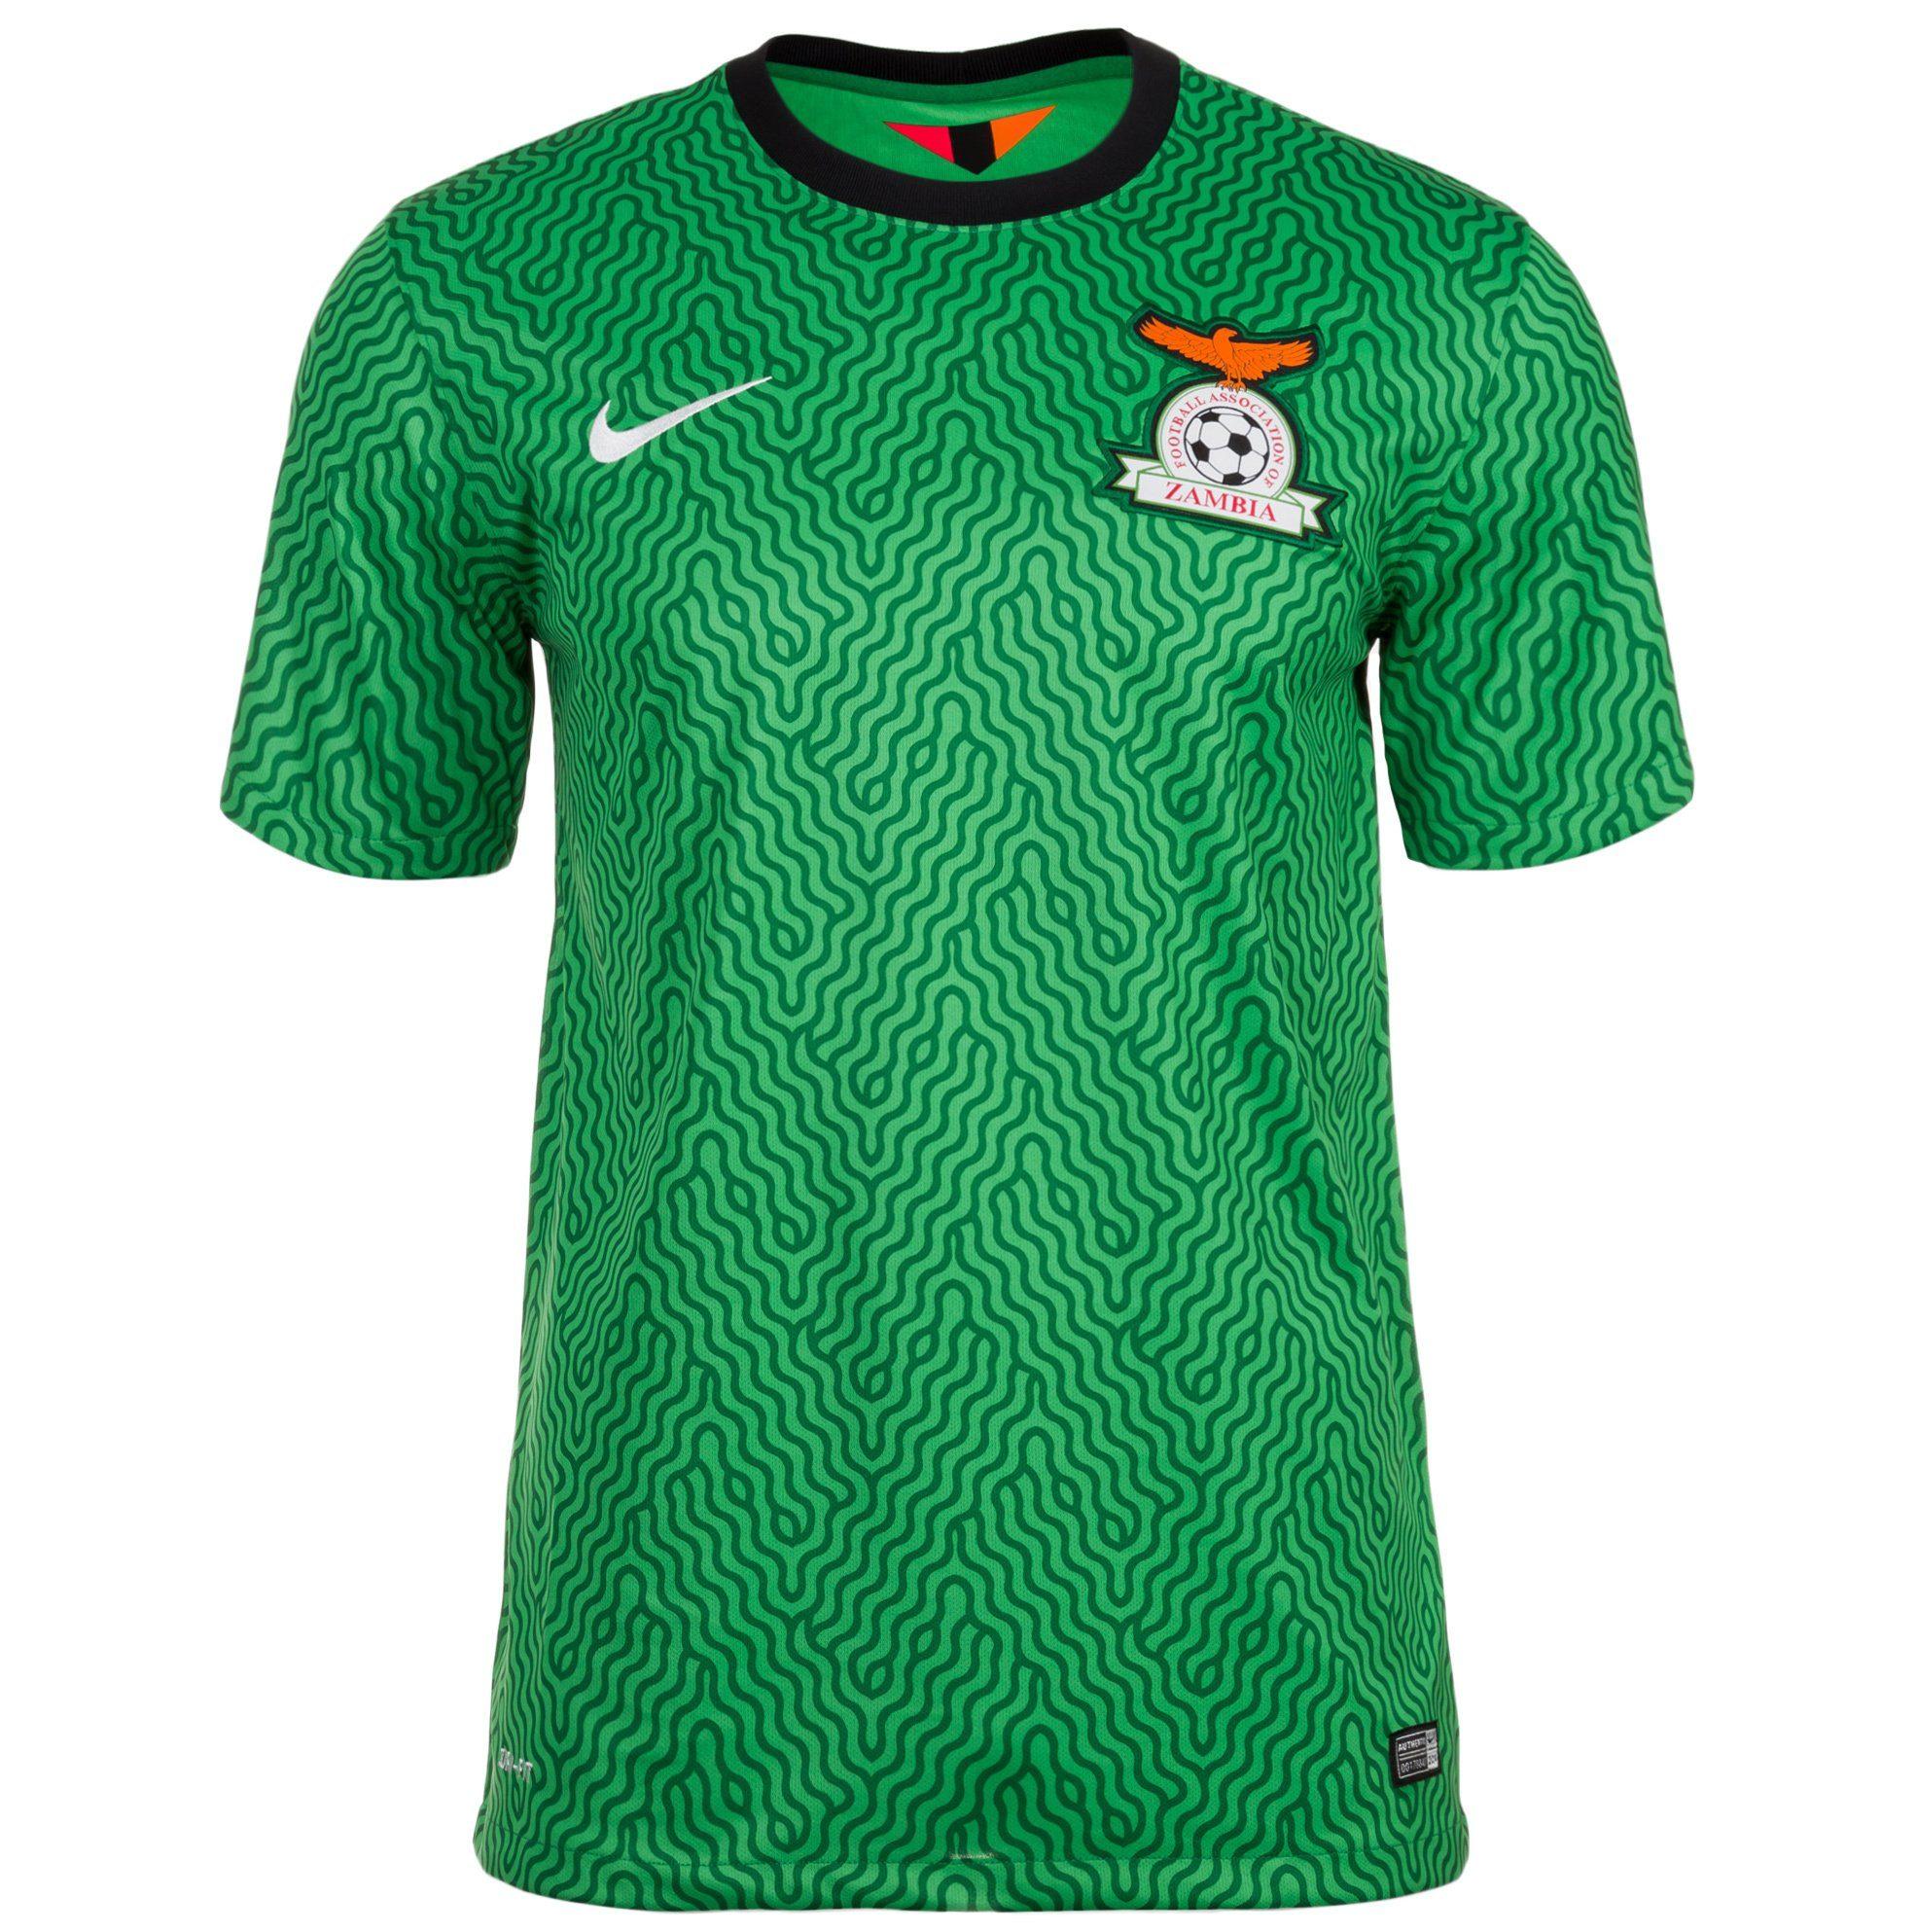 Nike Fußballtrikot Sambia 14/15 Heim   Sportbekleidung > Trikots > Fußballtrikots   Grün   Nike